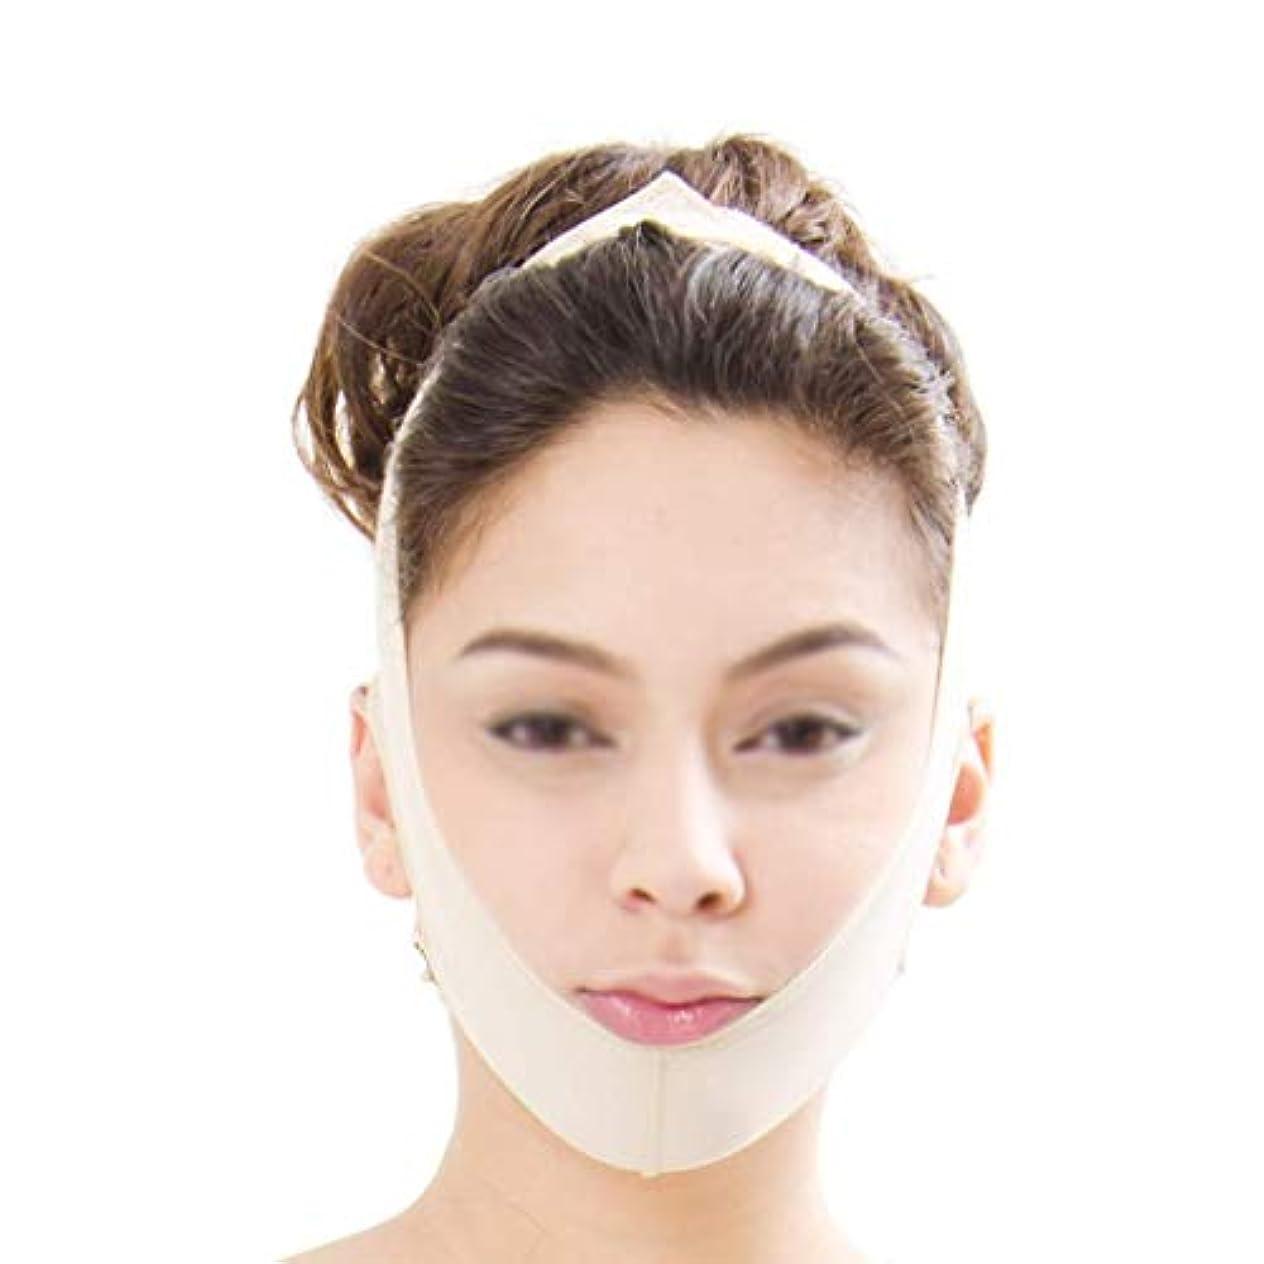 こんにちはメディカルゲインセイフェイススリミングバンデージ、フェイスリフティングマスク、フェイスリフティングバンデージ、フェイシャル減量マスク、ダブルチンケア減量(サイズ:M),S